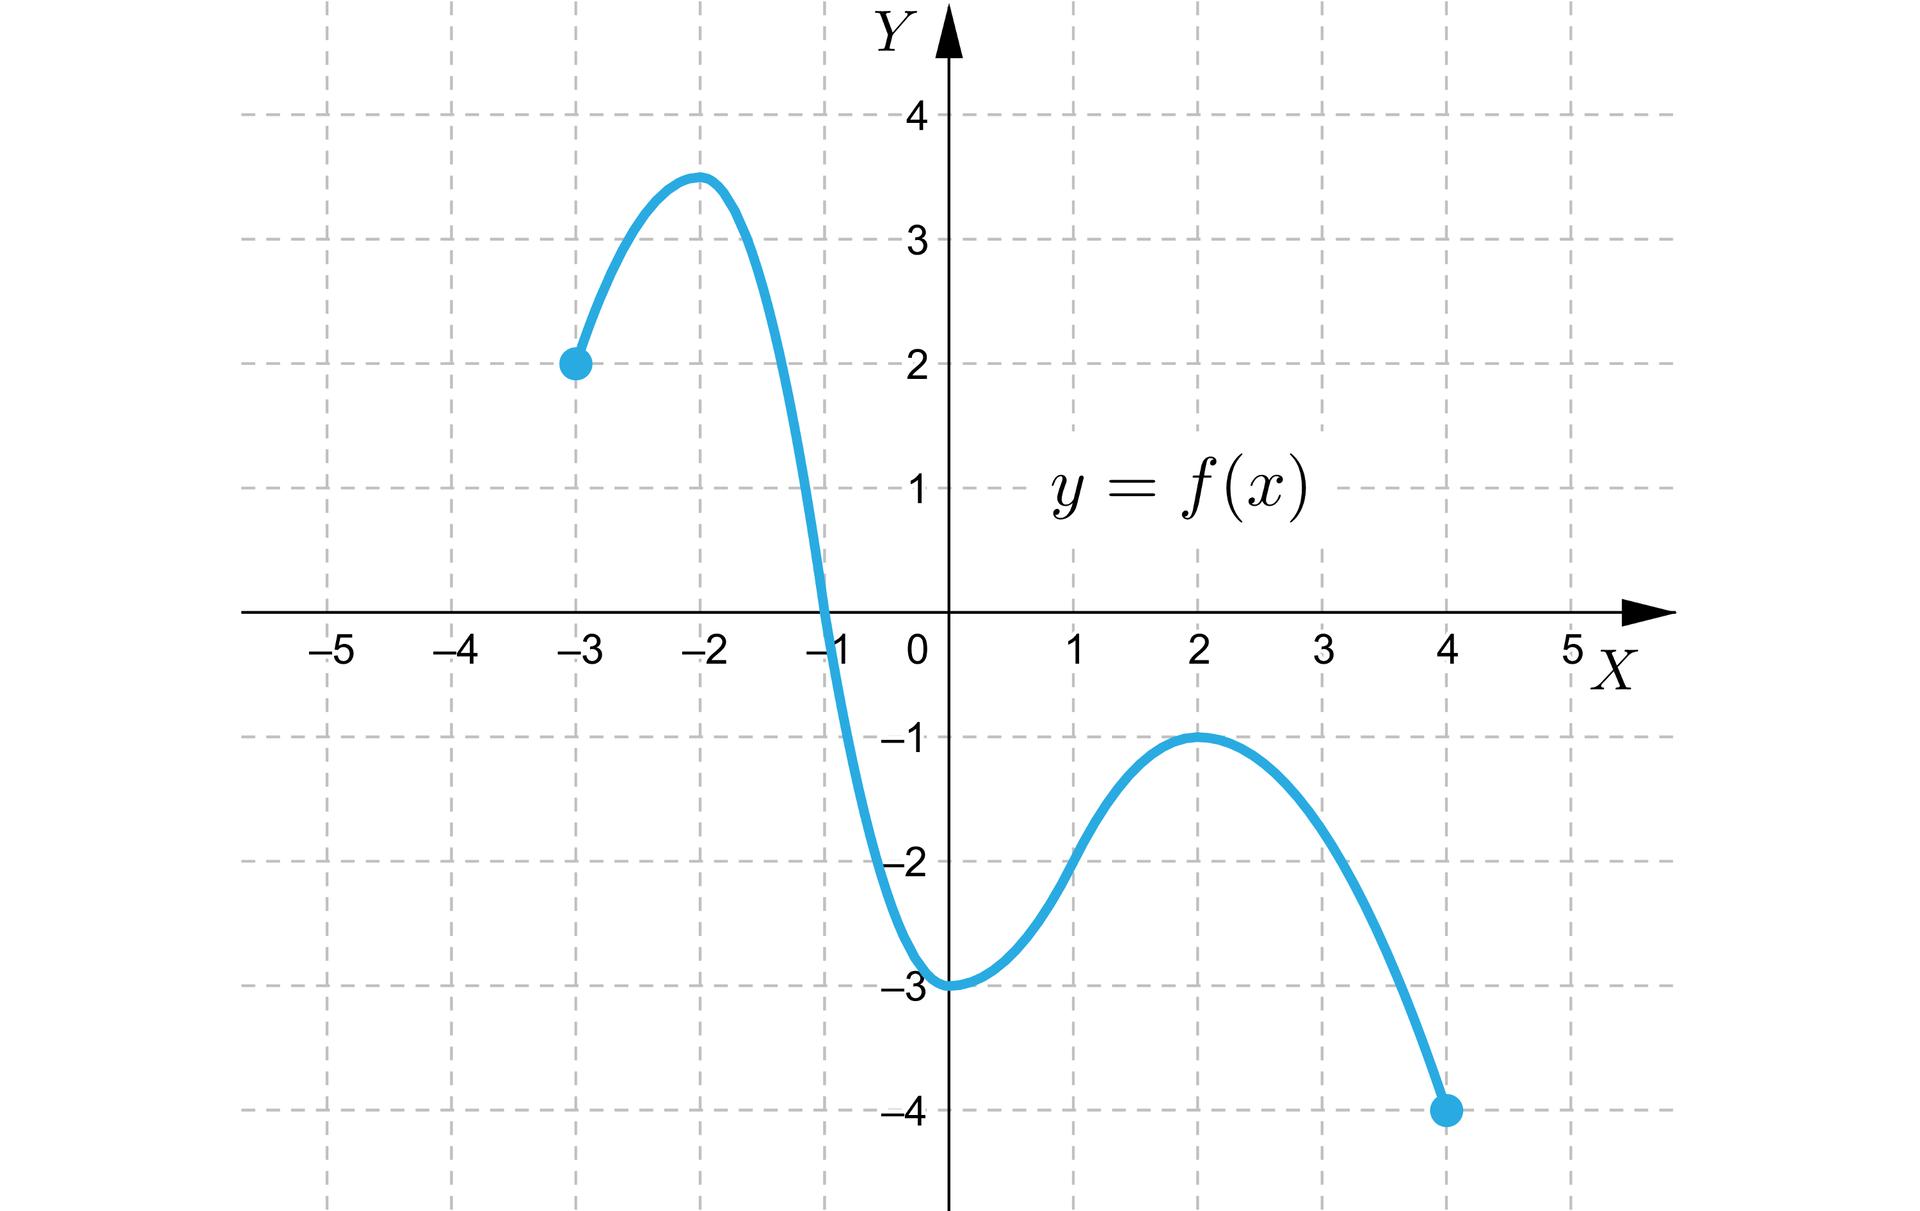 Ilustracja przedstawia układ współrzędnych zpoziomą osią X od minus pięciu do pięciu oraz zpionową osią Y od minus czterech do czterech. Wykres funkcji jest wkształcie nieregularnej fali opoczątku wpunkcie -3;2, akoniec wpunkcie 4;-4. Wykres ten przechodzi przez następujące punkty charakterystyczne: -1;0 oraz 0;-3. Najwyżej położonym punktem wykresu jest punkt owspółrzędnych -2;312, anajniżej położonym punktem wykresu jest jego koniec, czyli przytoczony wcześniej punkt 4;-4.